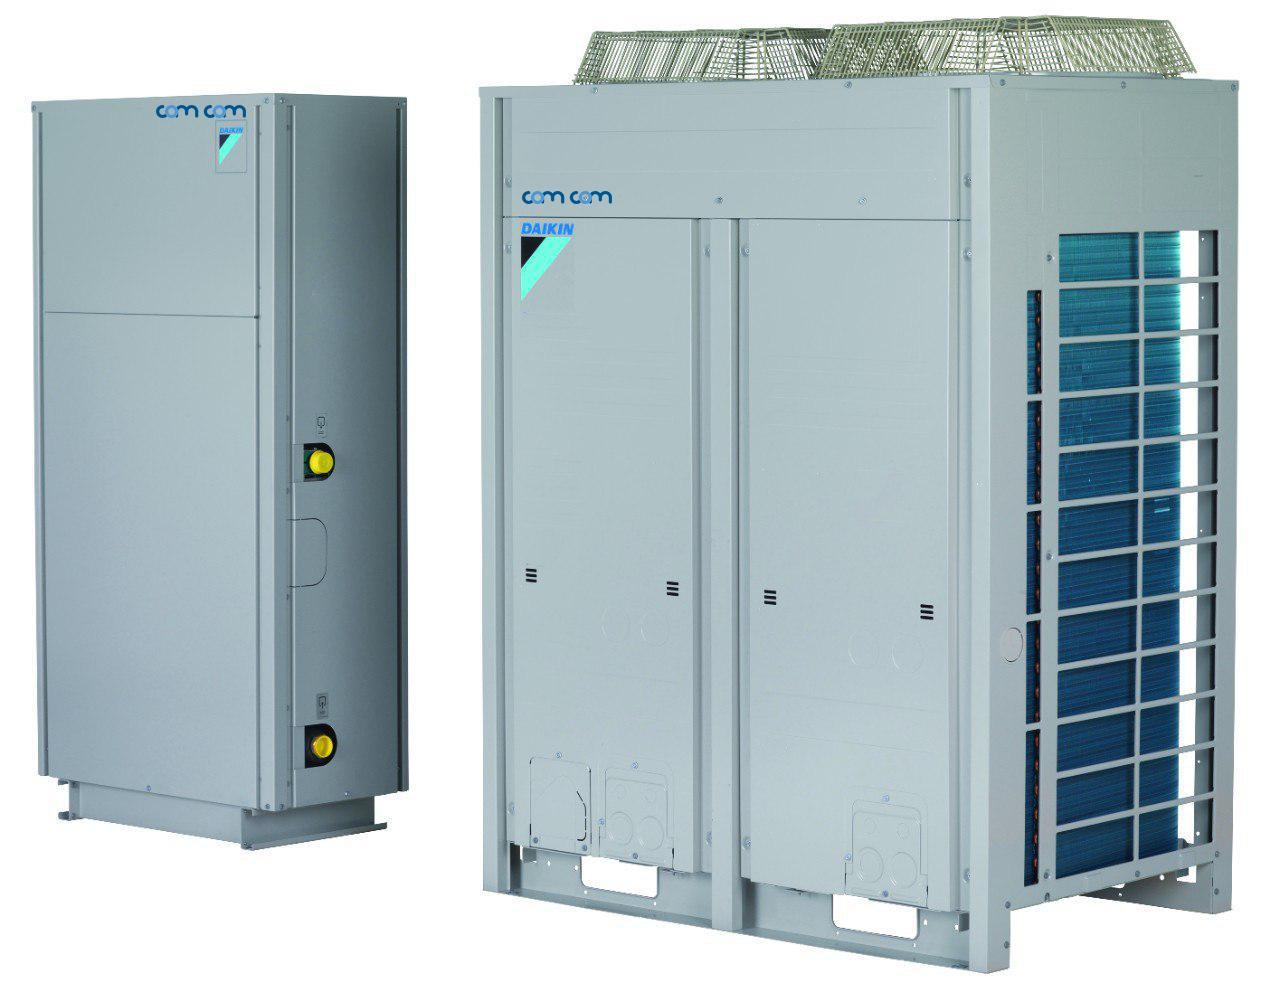 Daikin SEHVX40BW/SERHQ020BW1+SERHQ020BW1  – инверторная холодильная машина с воздушным охлаждением конденсатора, спиральным компрессором и тепловым насосом